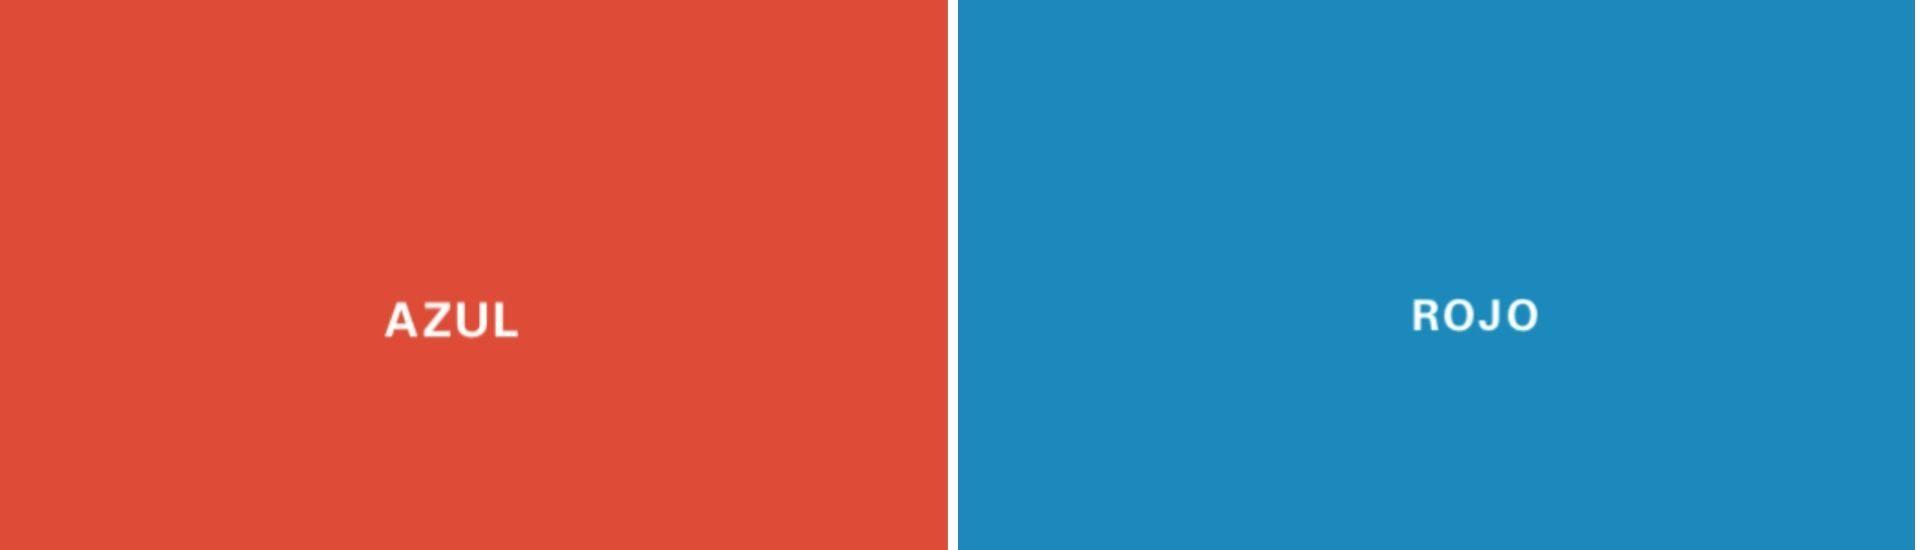 Imagen que dice rojo sobre un fondo azul y azul sobre un fondo rojo